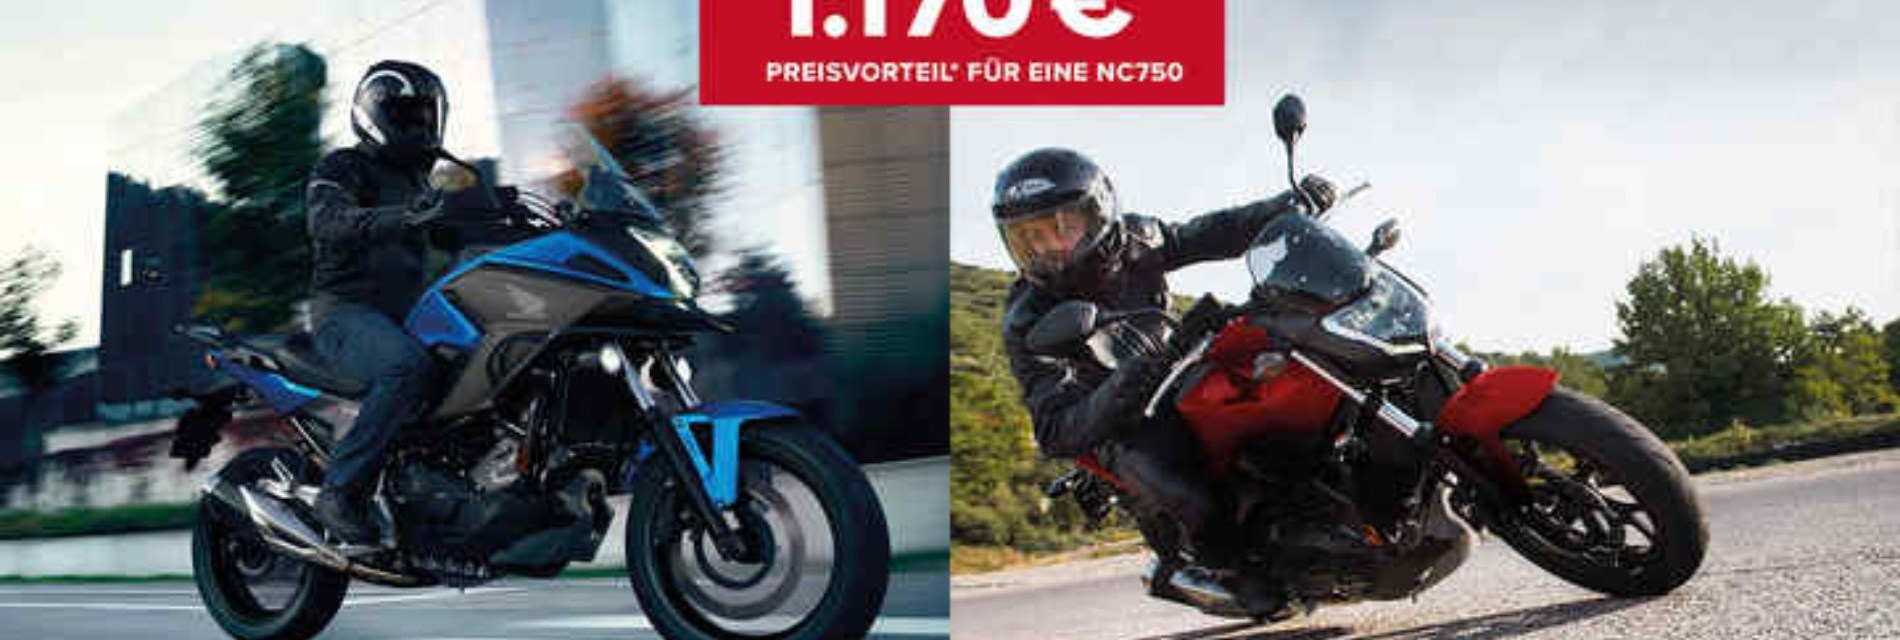 YOUR WAY TO RIDE: Hallo flexibles, spielend leichtes Fahrerlebnis! Sichere Dir bis zu 1.170 € Preisnachlass.*